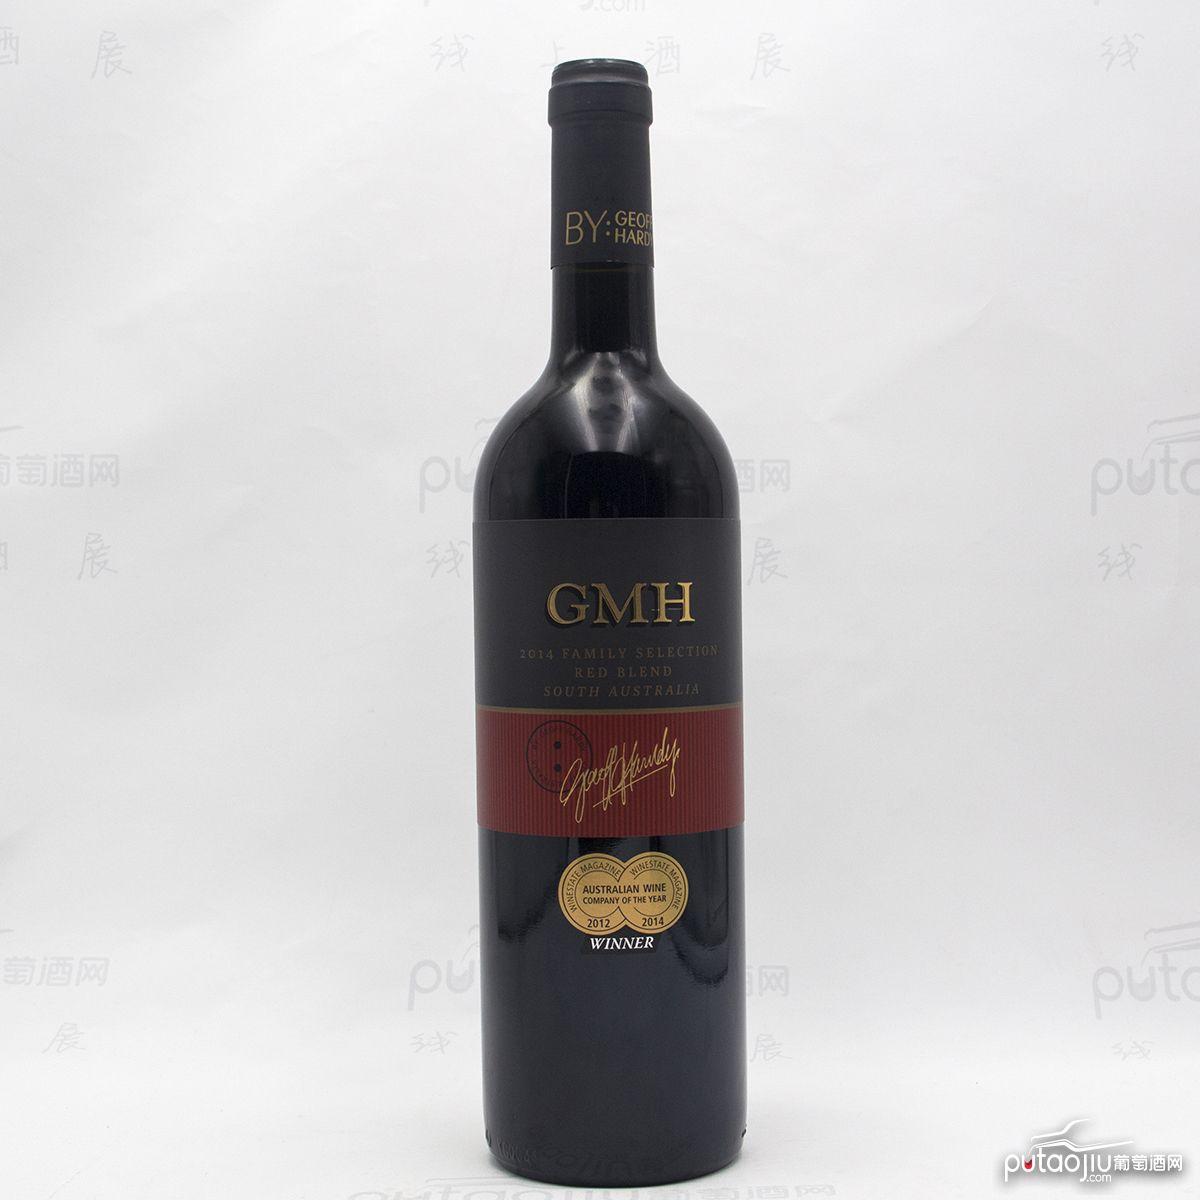 麦瑞泰家族之选混酿红葡萄酒